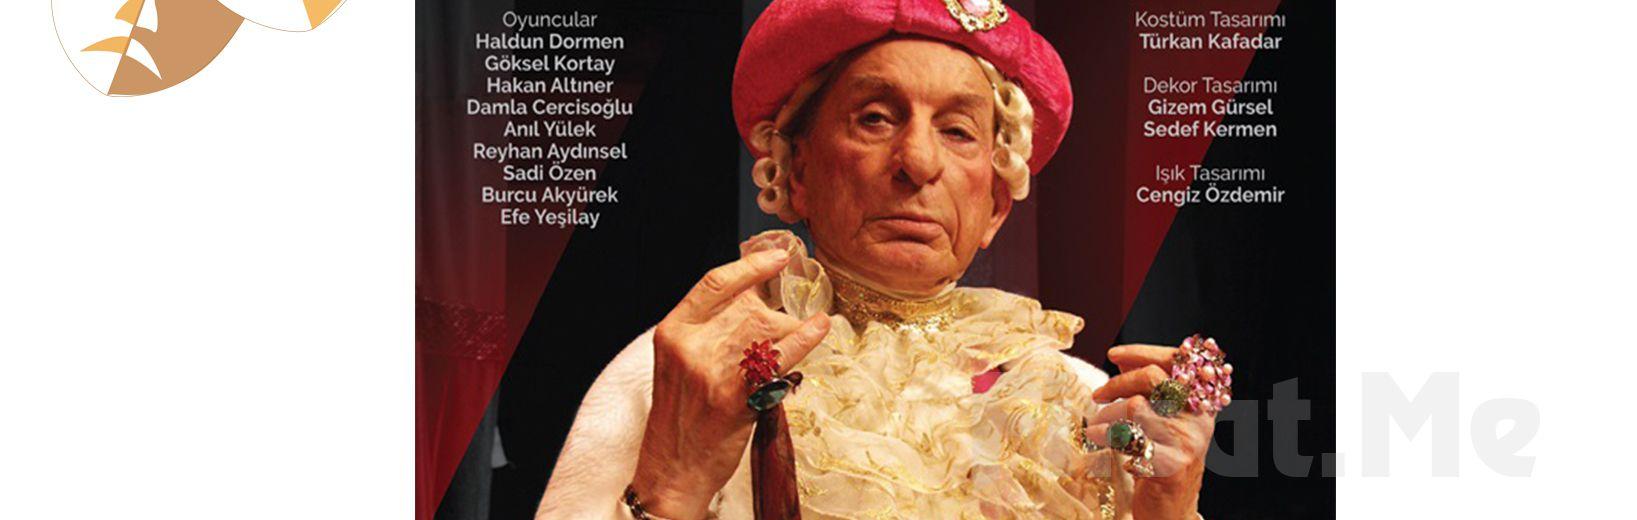 Haldun Dormen Performansı ile 'Kibarlık Budalası' Tiyatro Oyunu Bileti